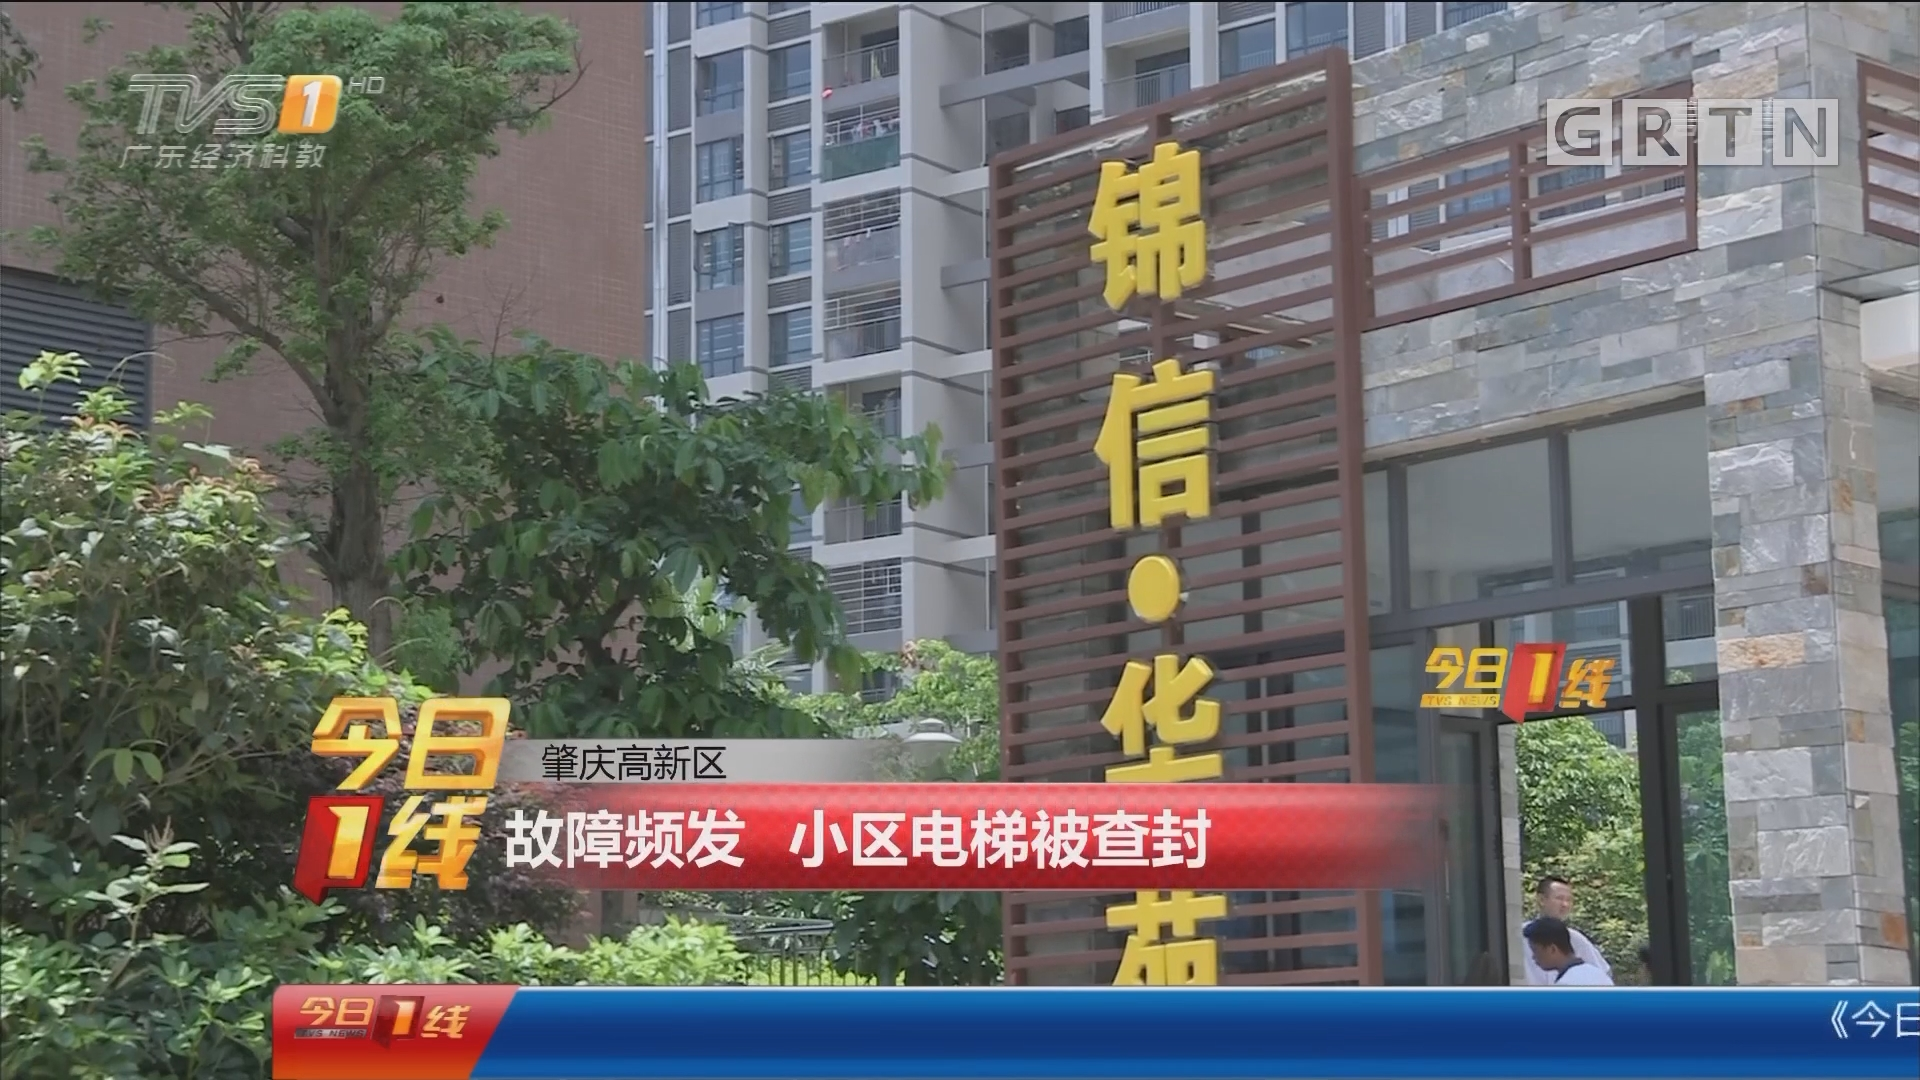 肇庆高新区:故障频发 小区电梯被查封